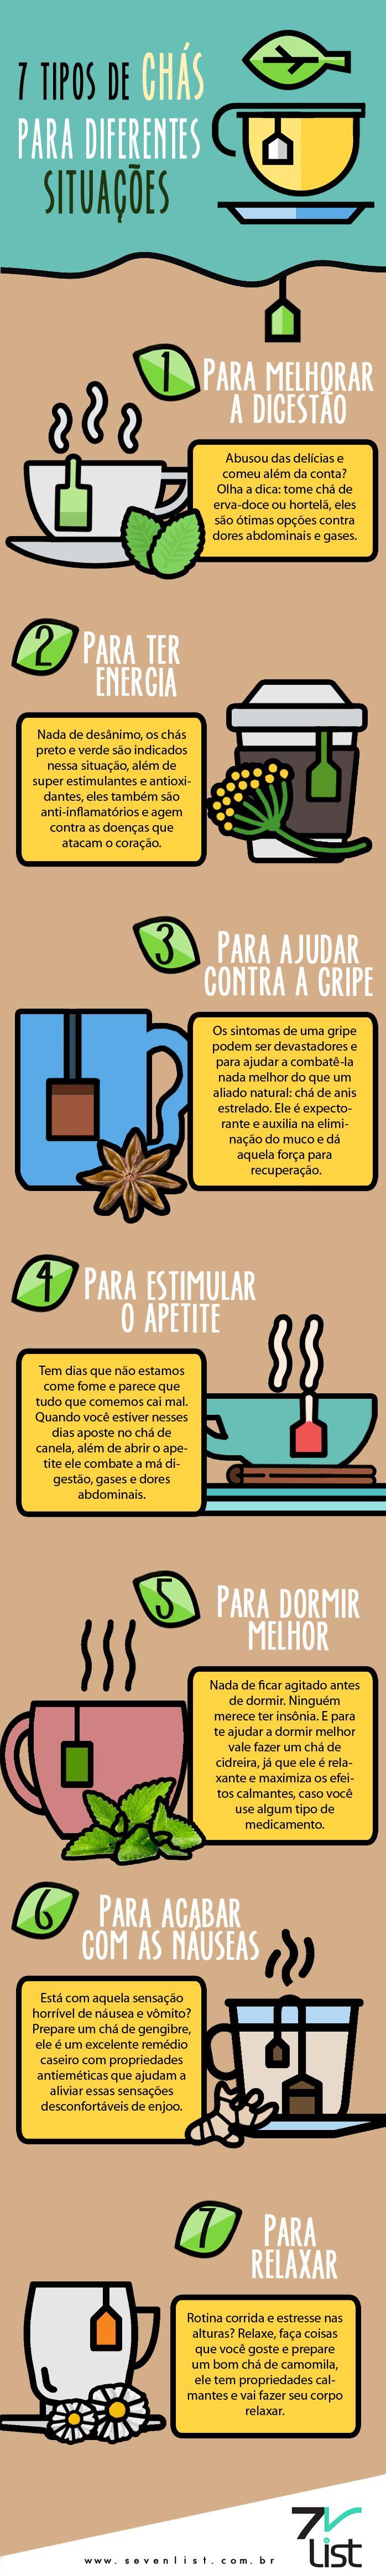 7 tipos de chás para diferentes situações.